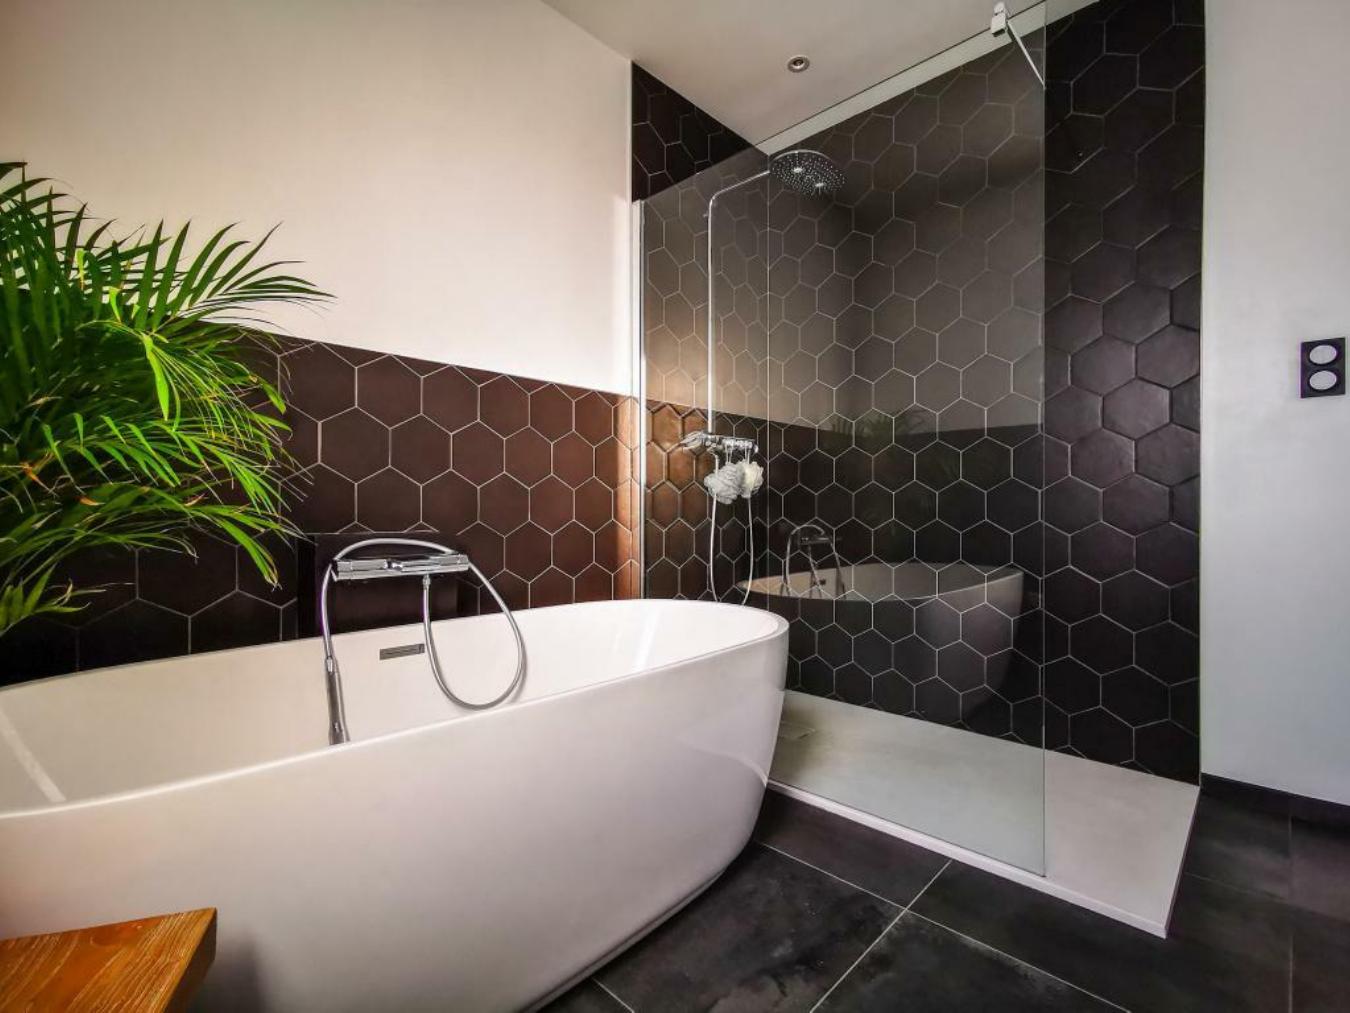 Salle de bain moderne 30 id es pour vous inspirer kozikaza - Etabli salle de bain ...